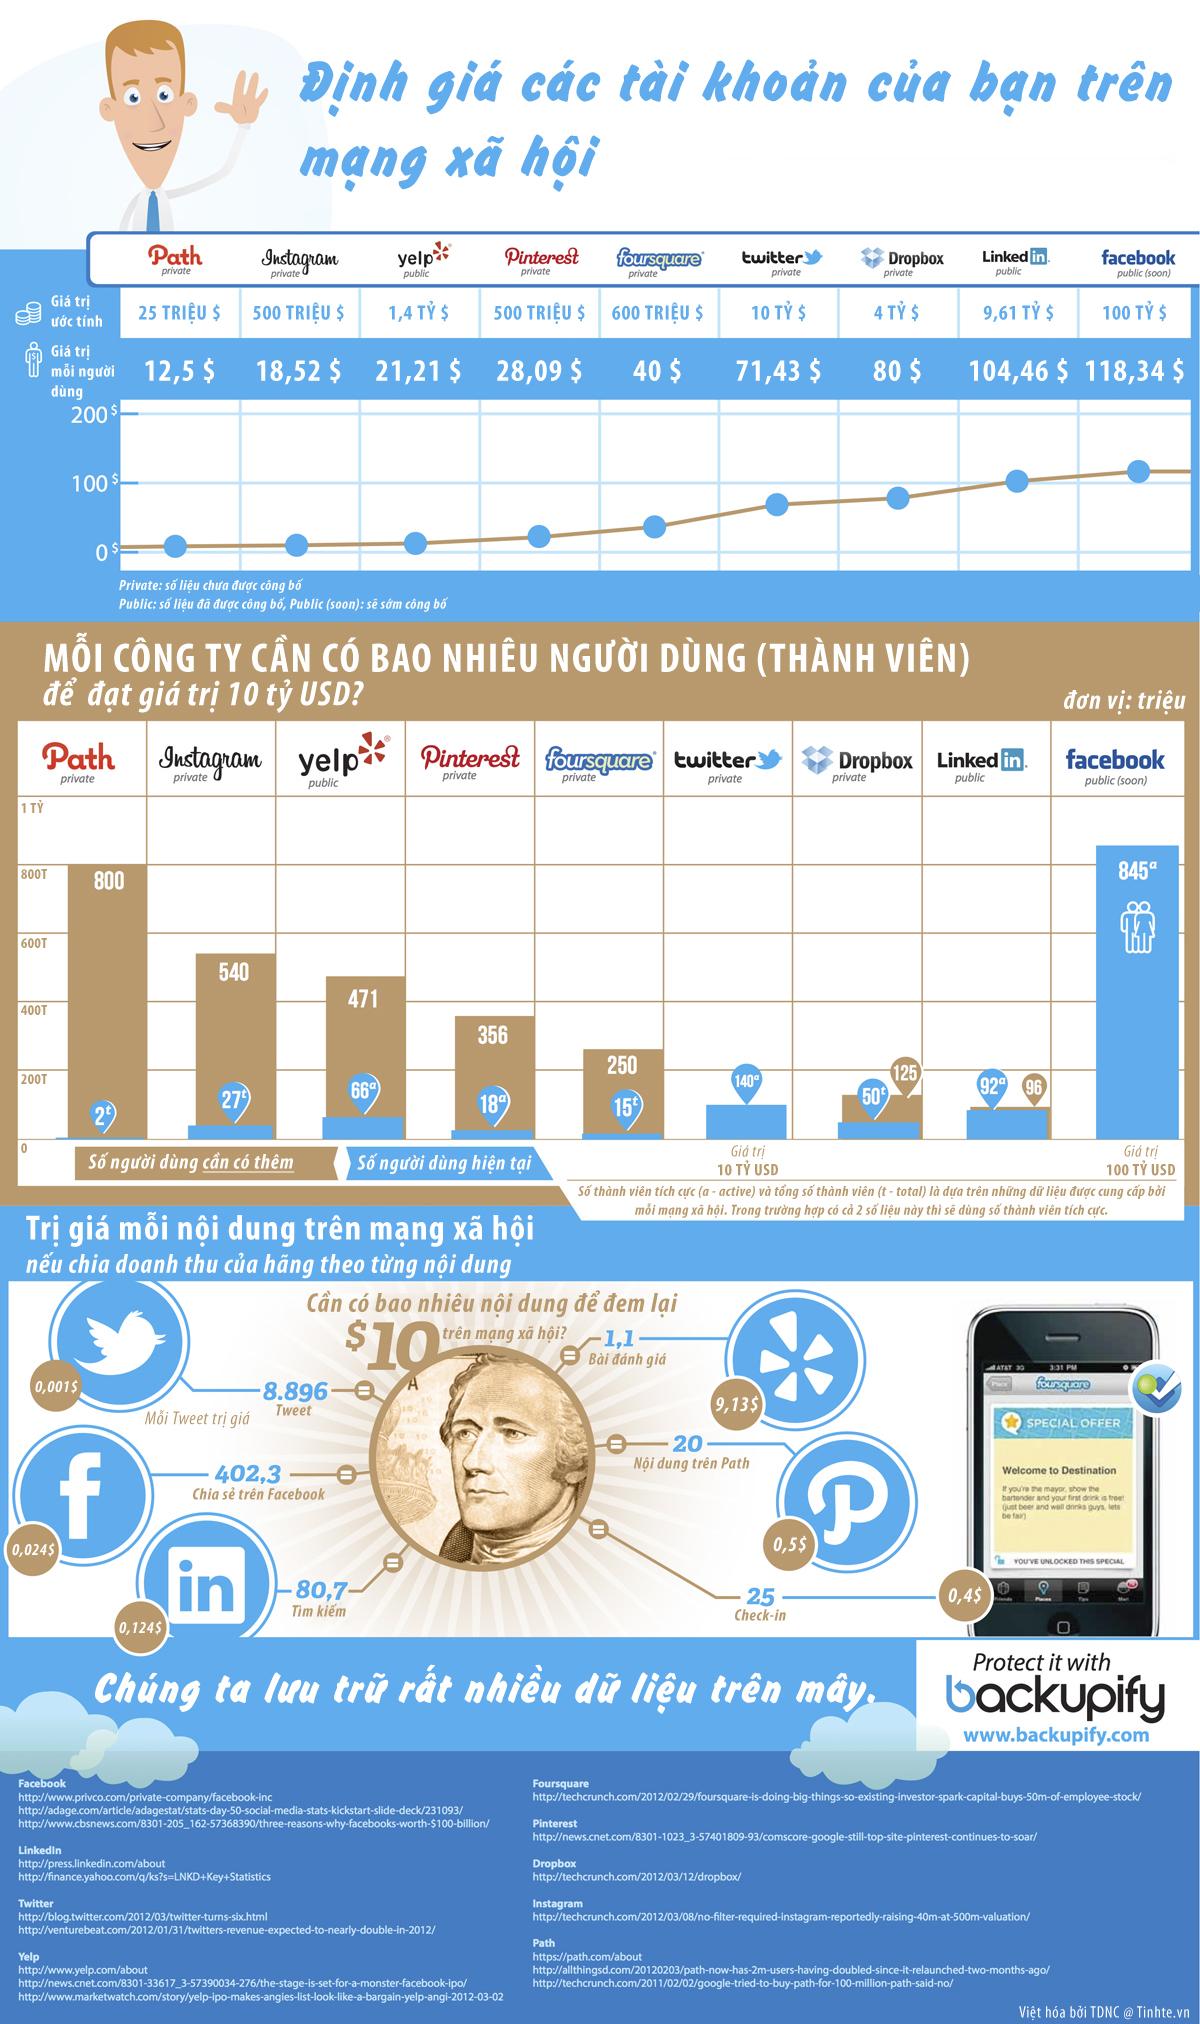 [INFOGRAPHIC] Mỗi tài khoản Facebook của bạn đáng giá hơn 100USD